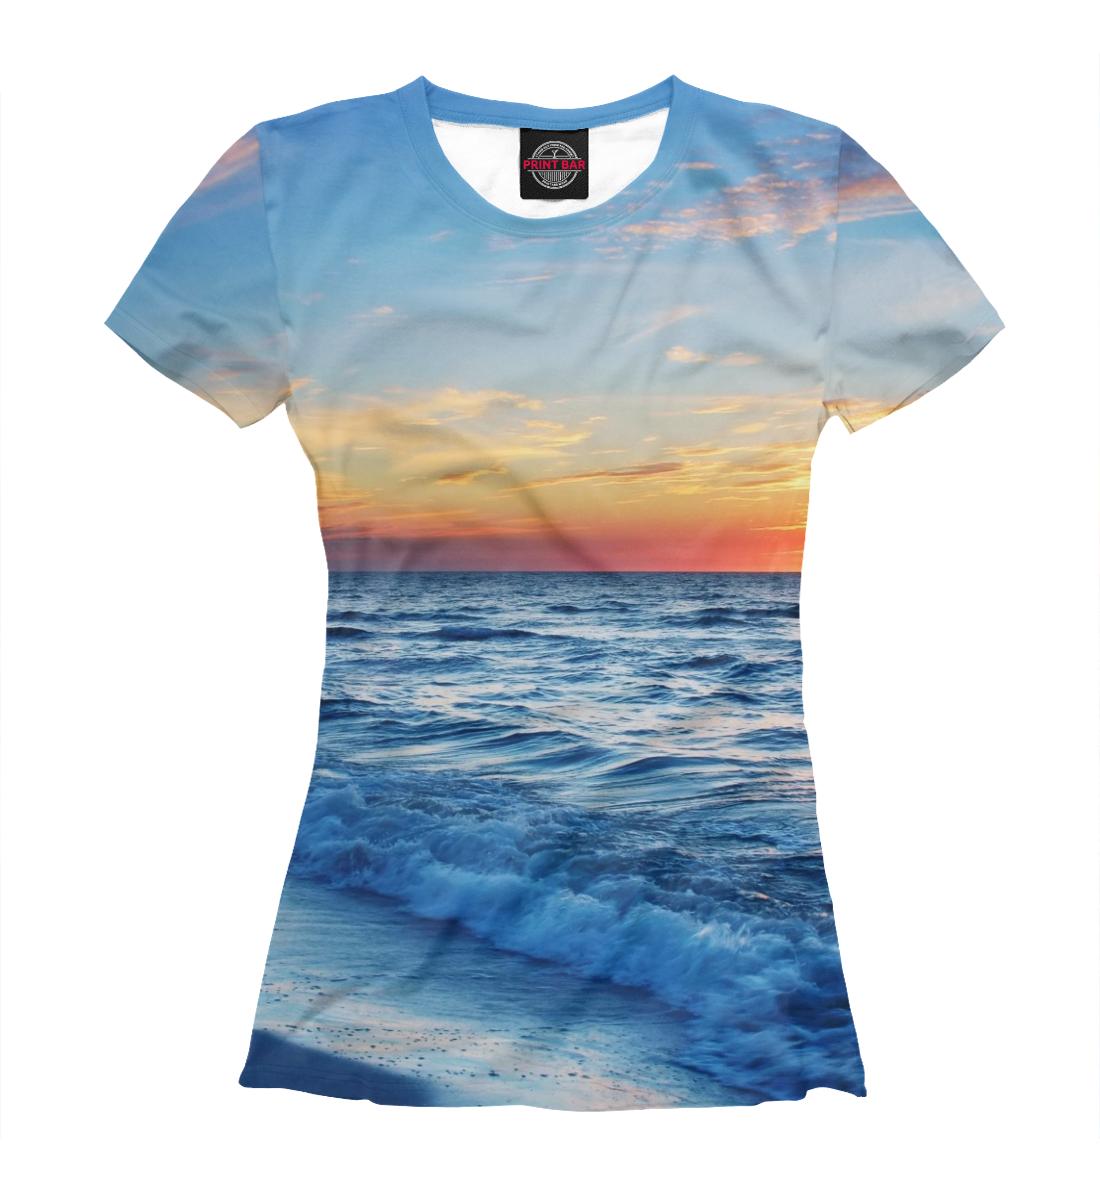 Купить Сказочный закат на море, Printbar, Футболки, MST-225780-fut-1